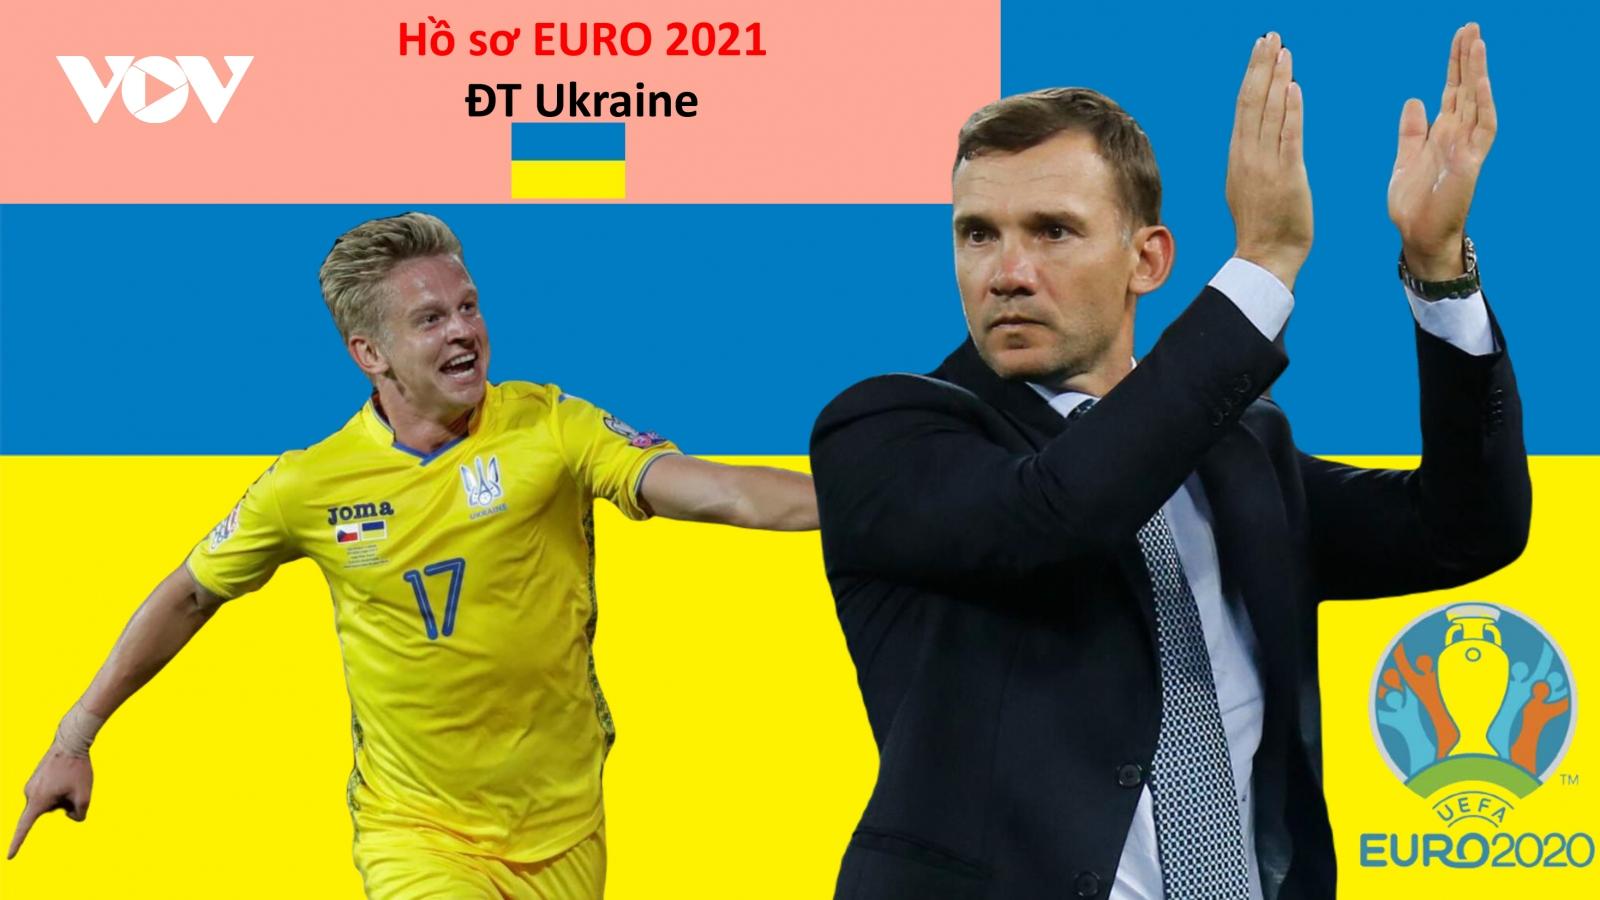 Hồ sơ các ĐT dự EURO 2021: Đội tuyển Ukraine